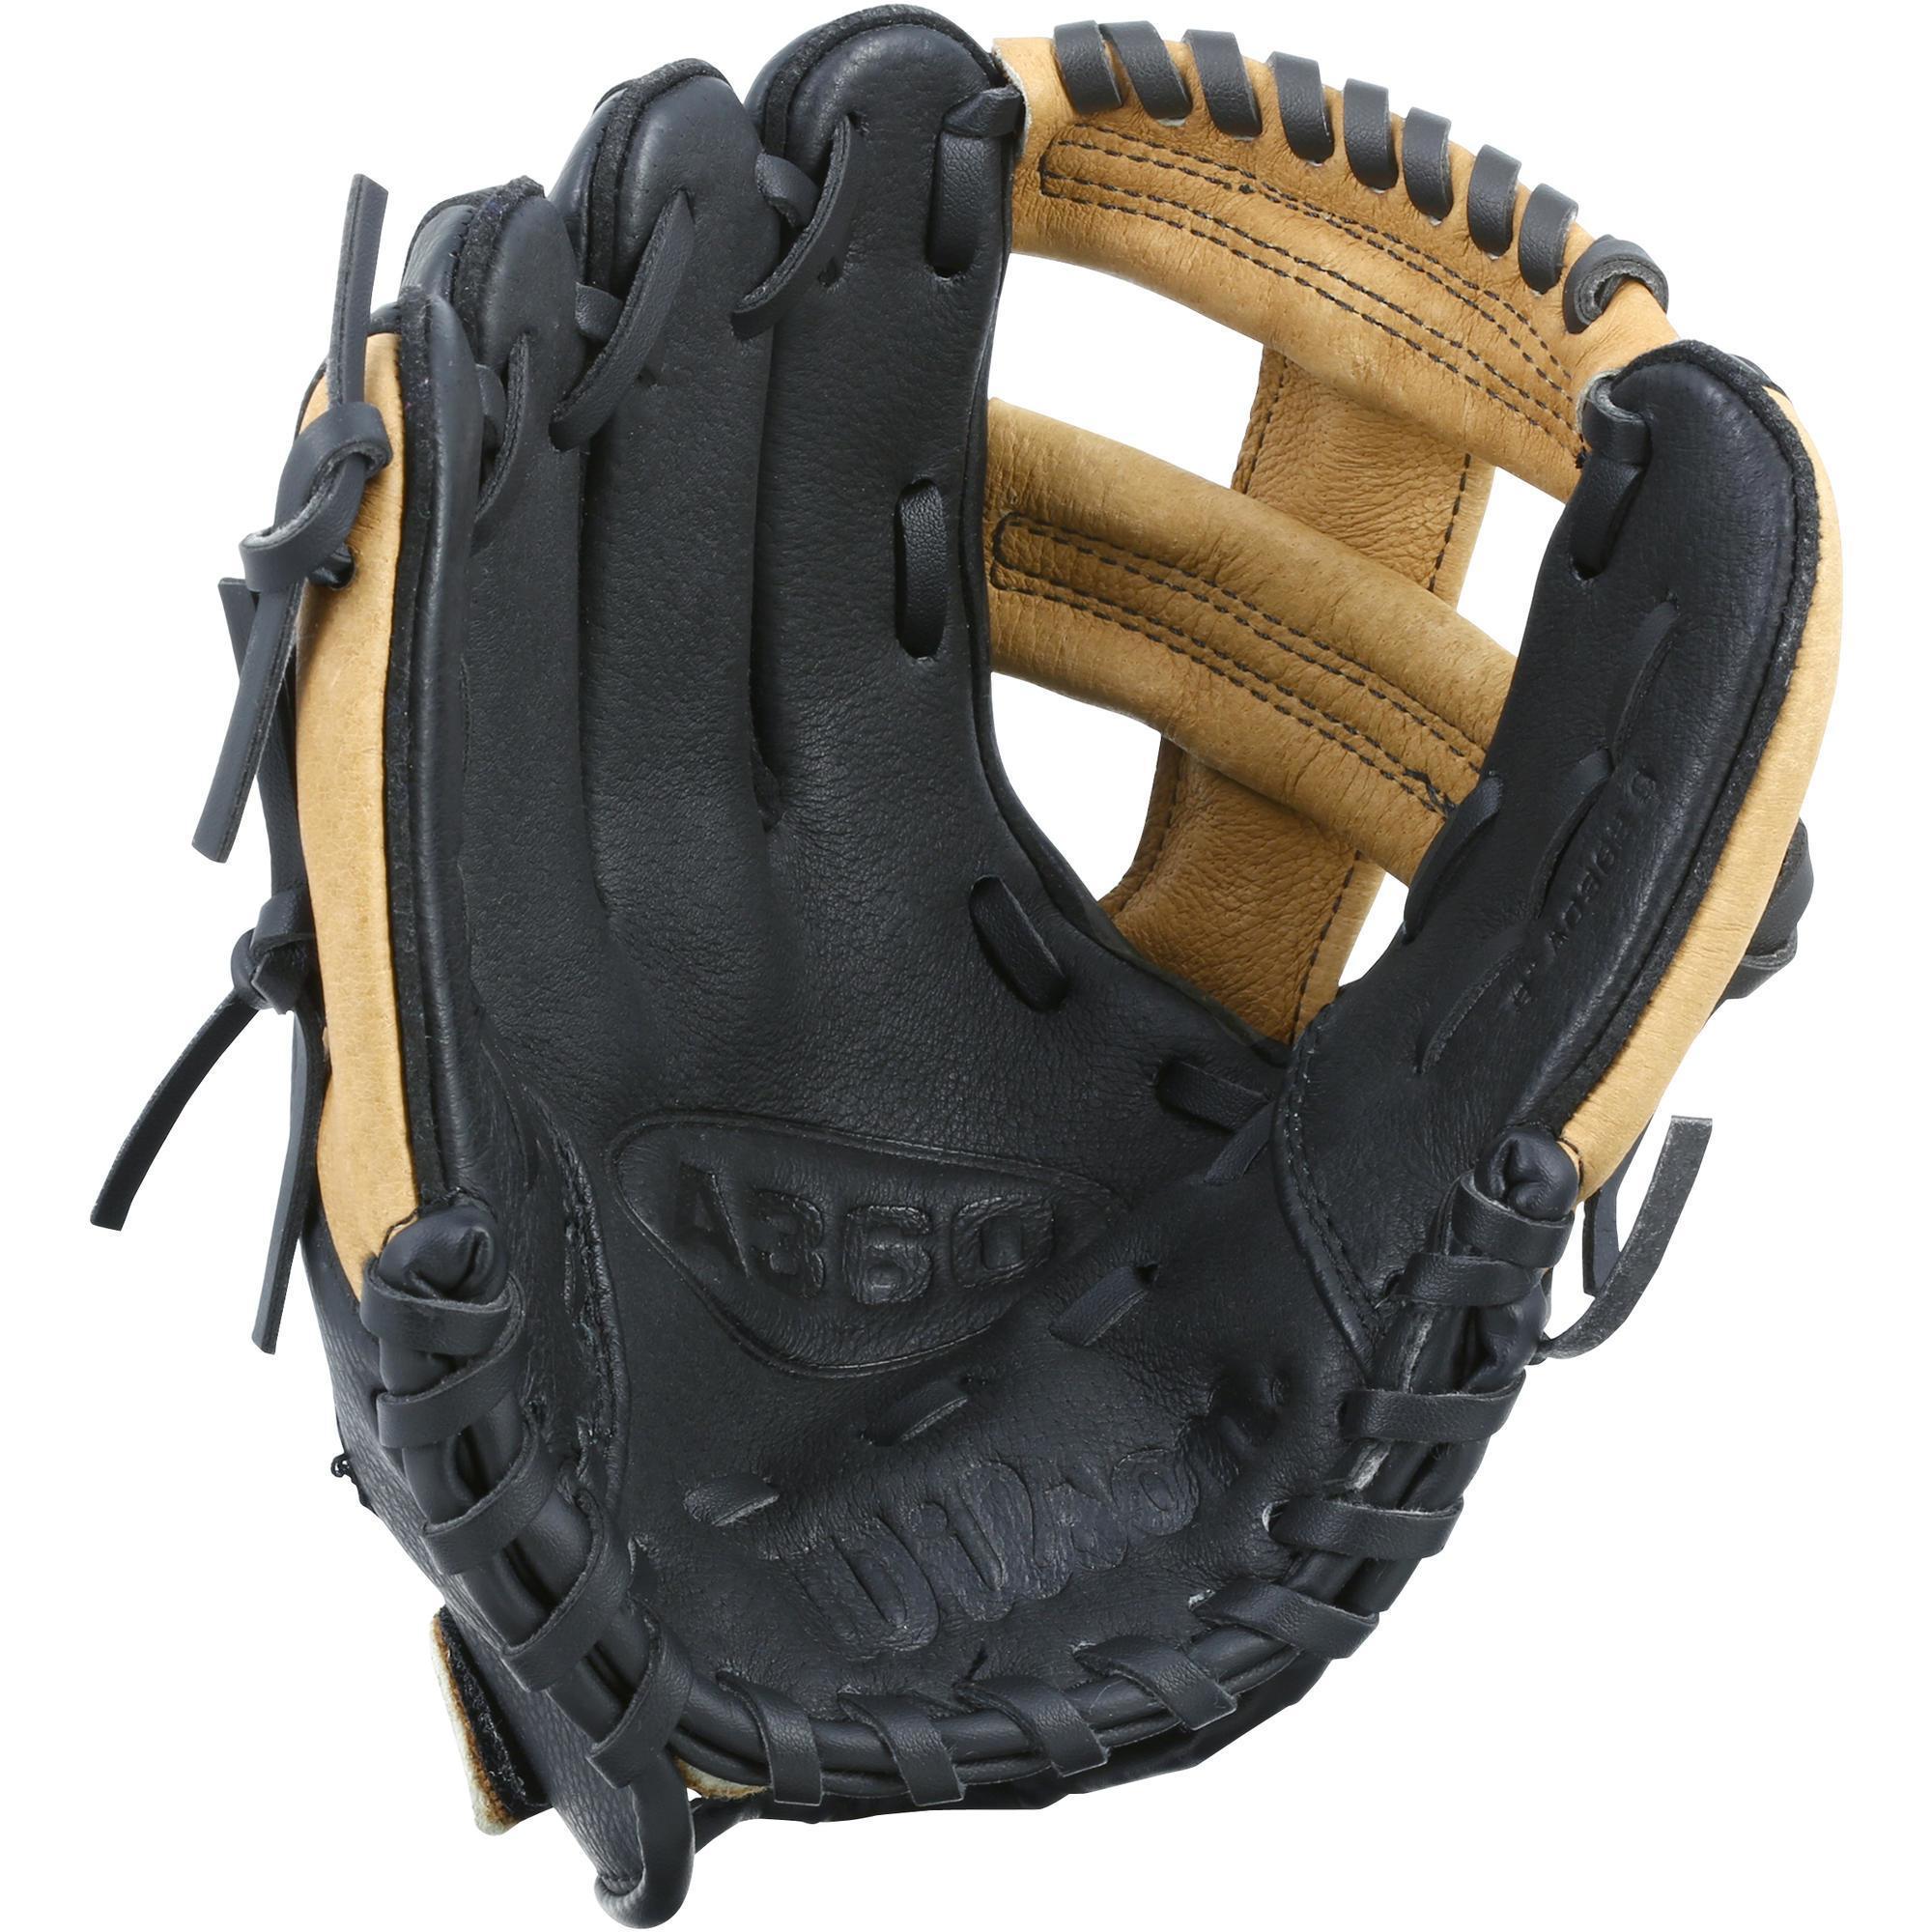 Comprar Pelotas y Bates de Beísbol y Softball  5c11dfeb77024